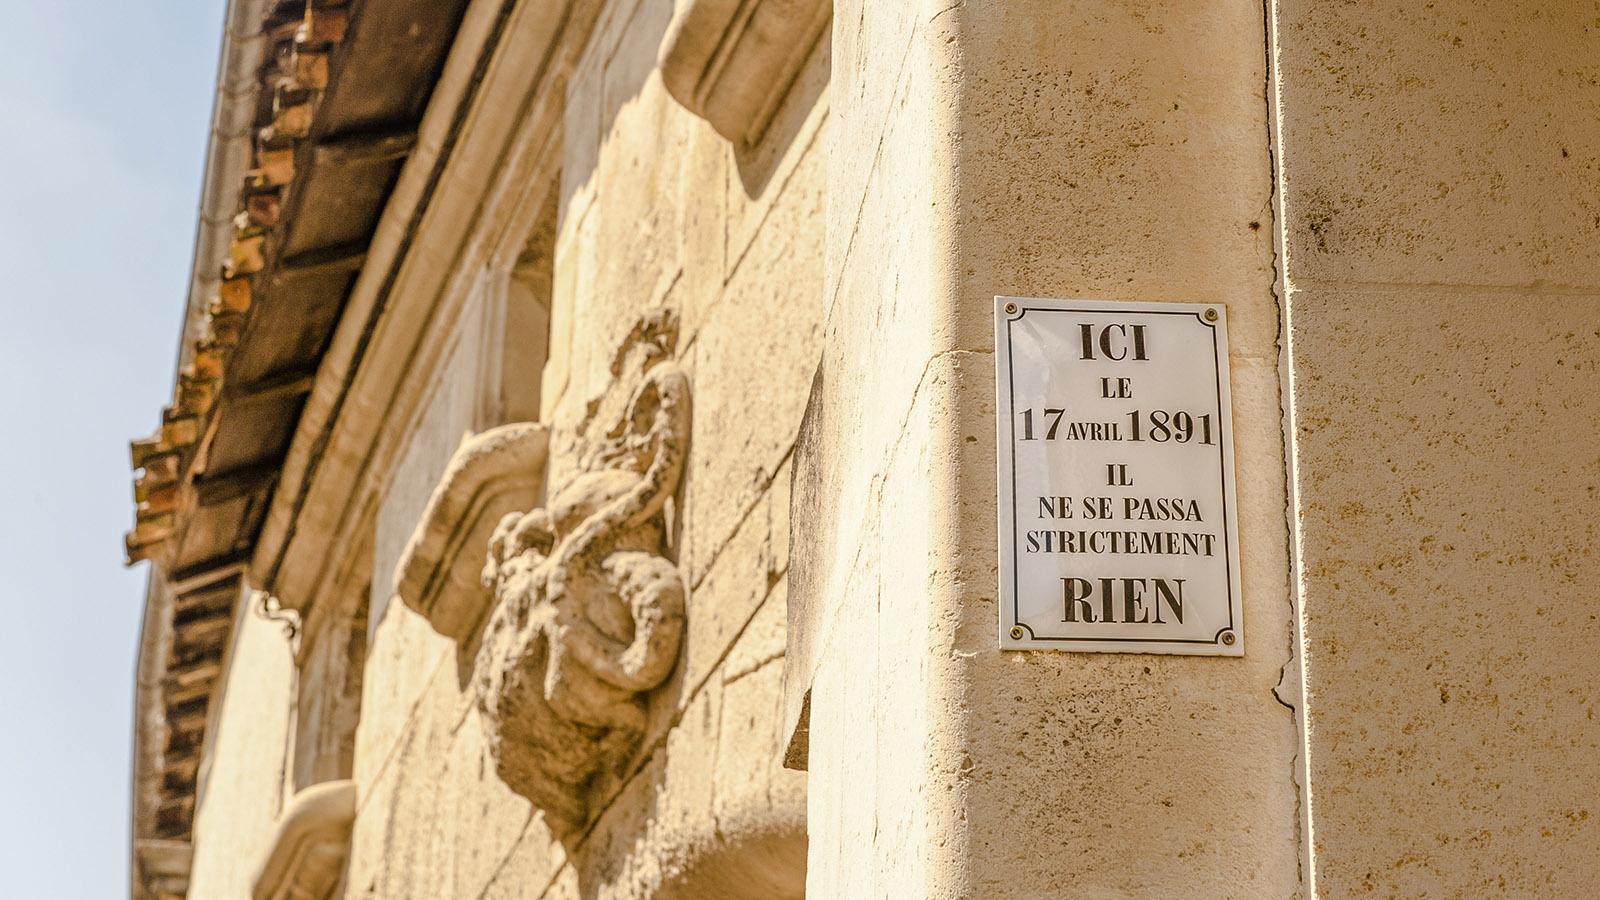 Hier ist am April 1891 nicht passiert, informiert humorvoll dieses Schild in Cognac. Foto: Hilke Maunder